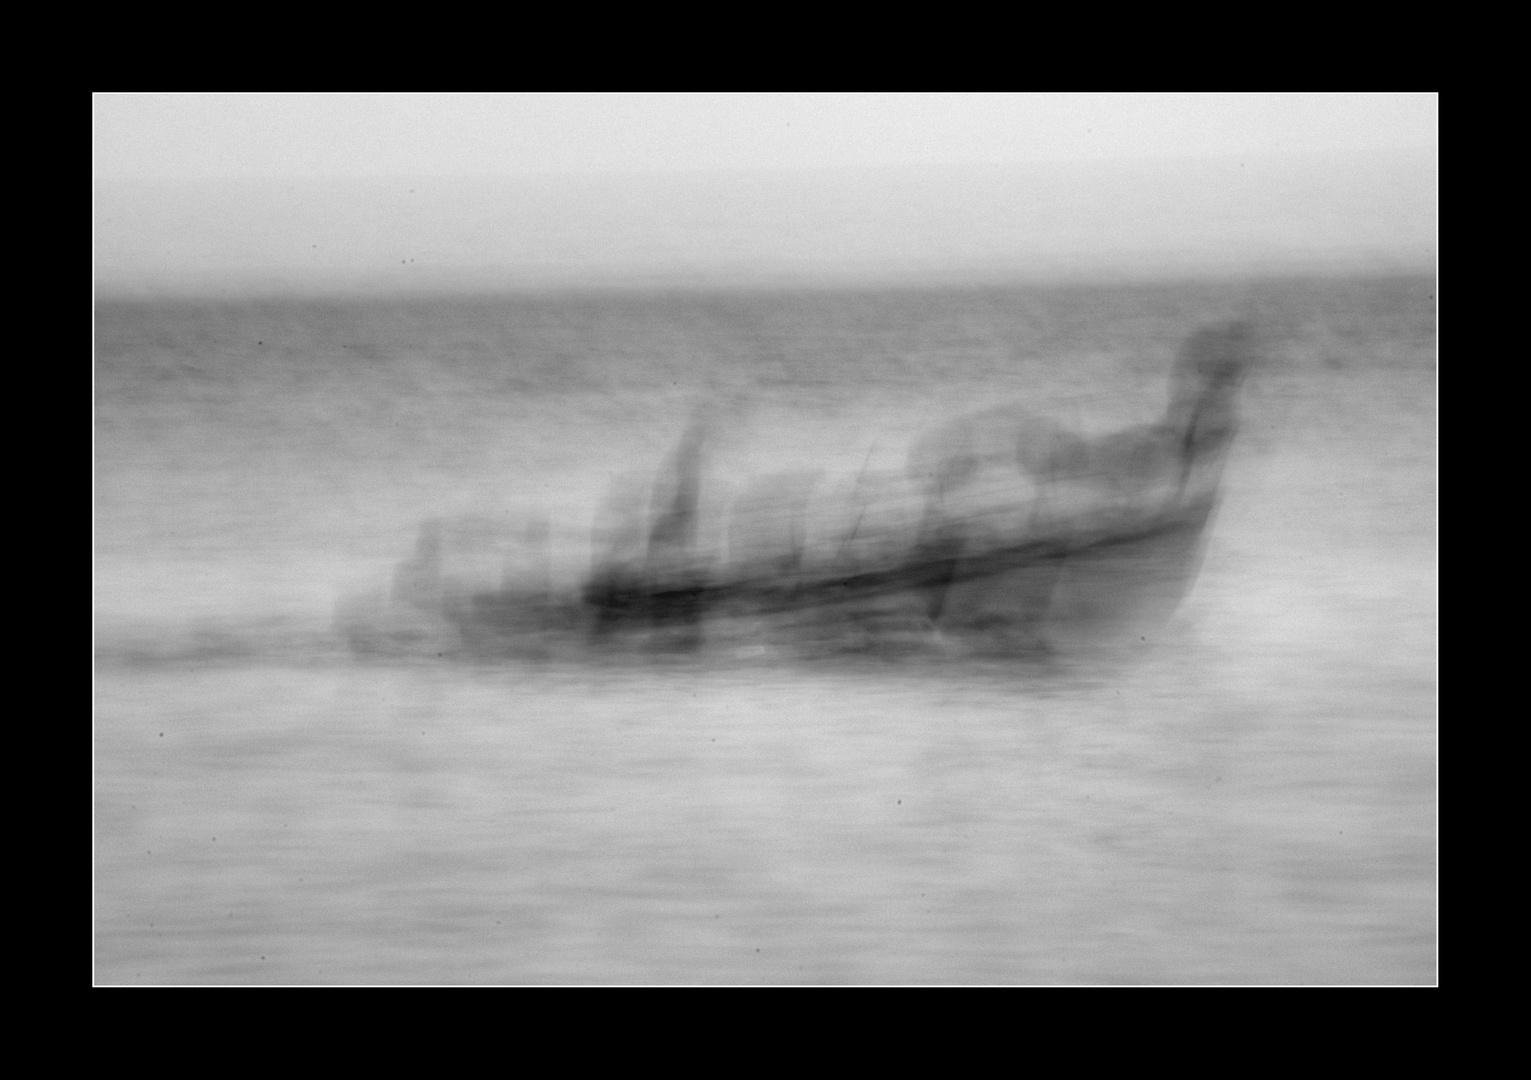 barca fantasma